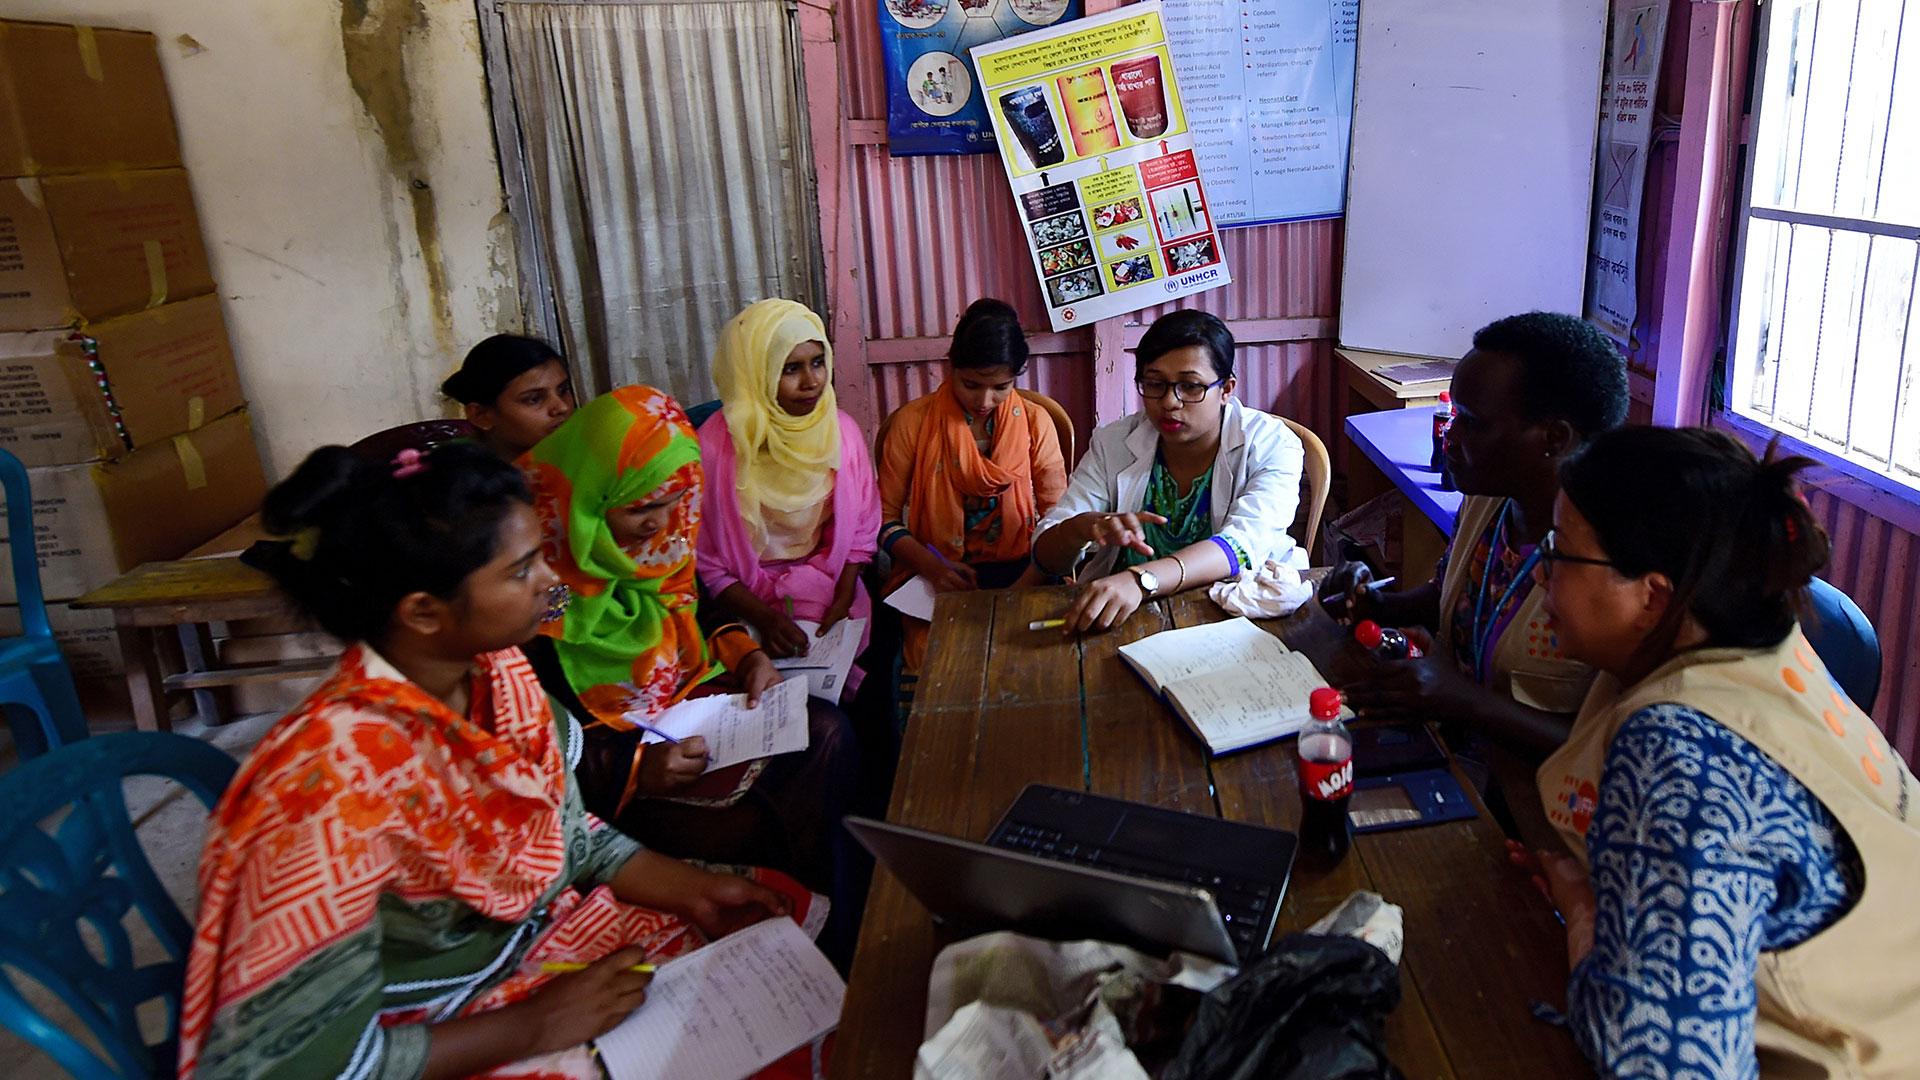 Un programa de la ONU trabaja con mujeres parteras